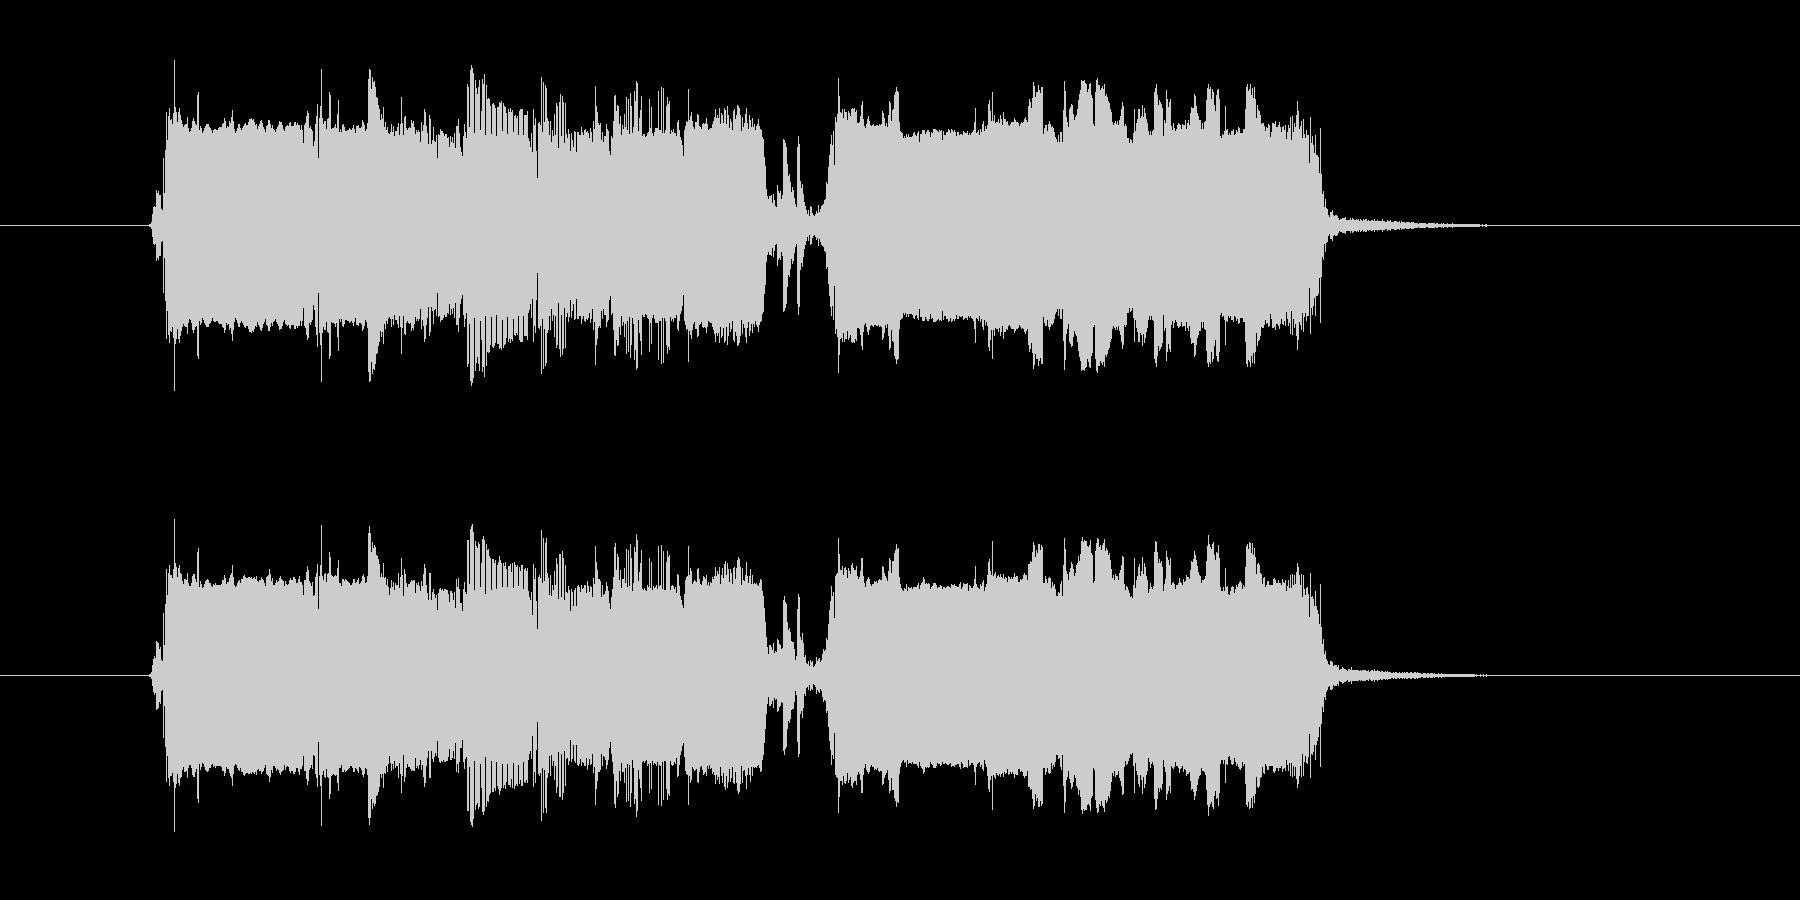 プウワー(シンセサイザーによる出現の音)の未再生の波形